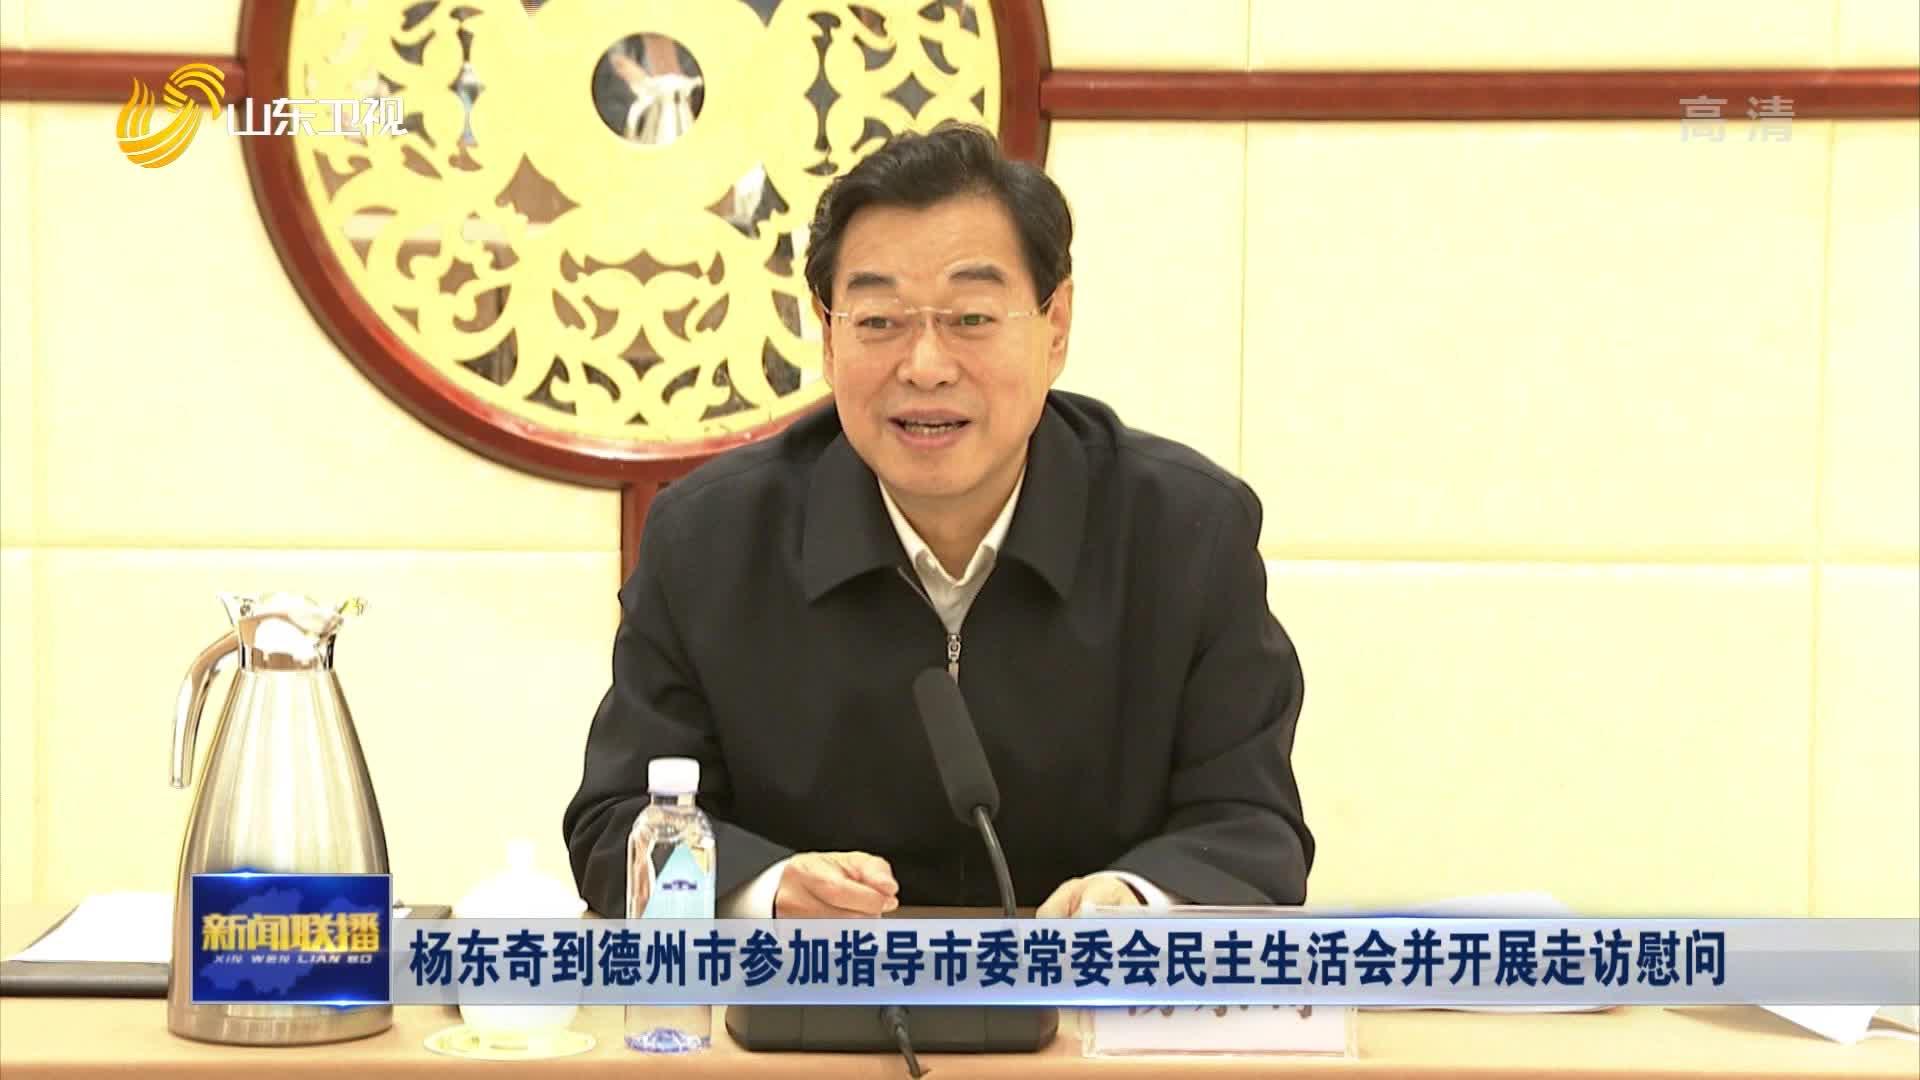 杨东奇到德州市参加指导市委常委会民主生活会并开展走访慰问